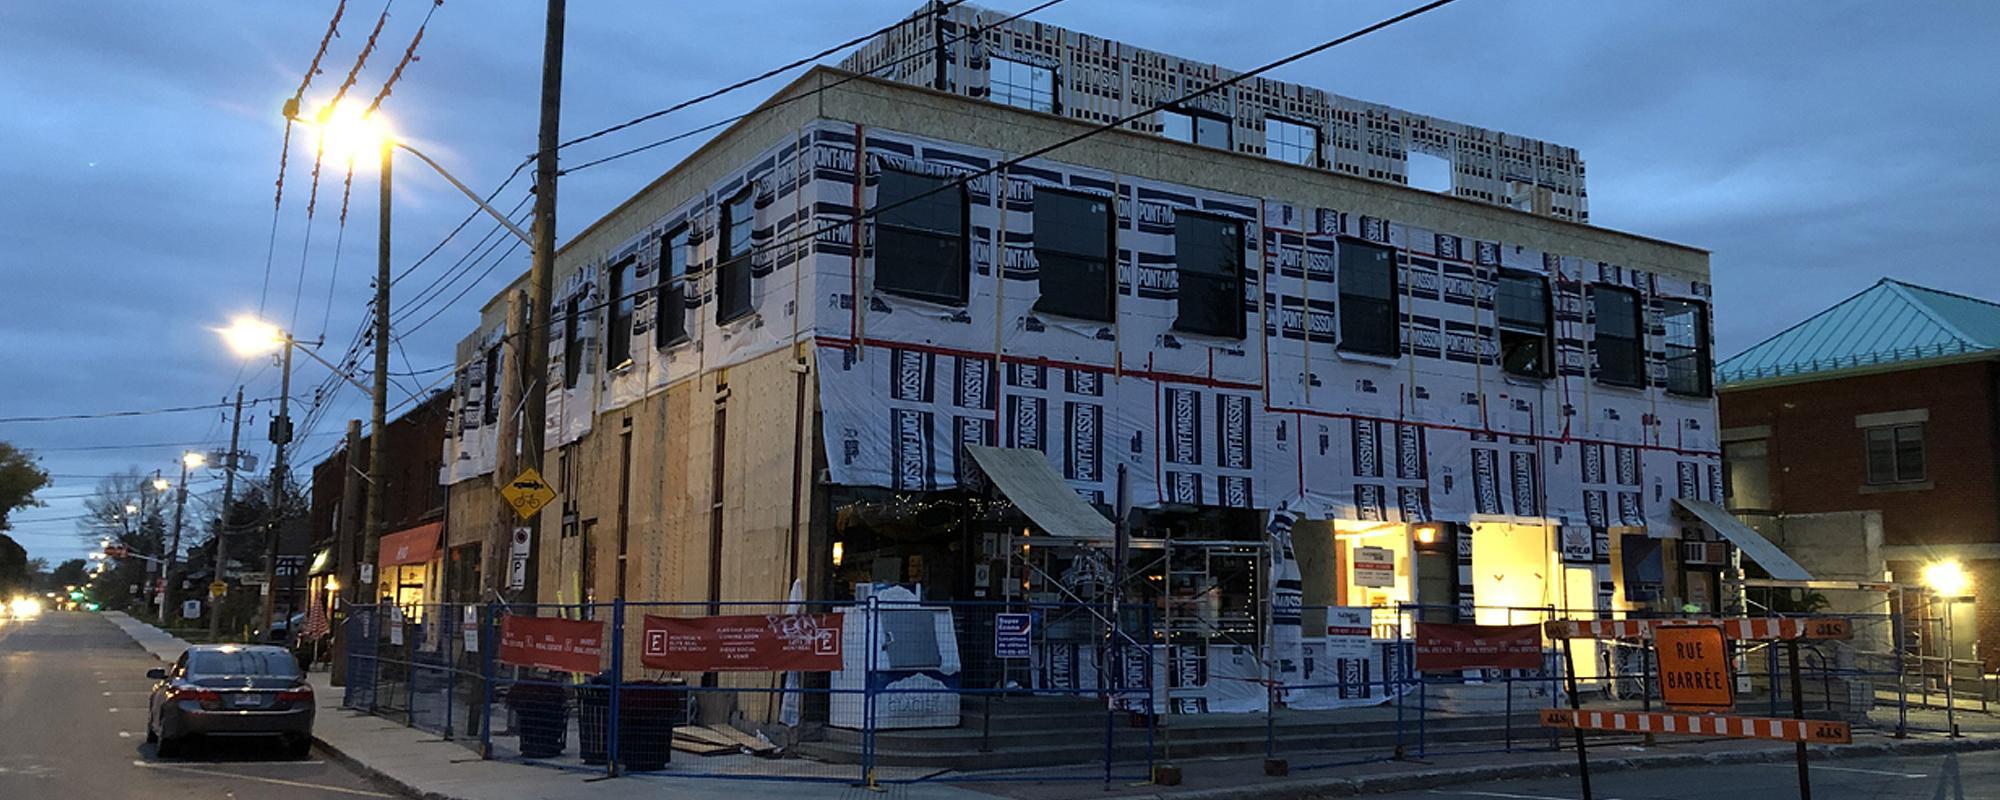 Commercial Retro-Fit by Construction Renaissance CR Inc.